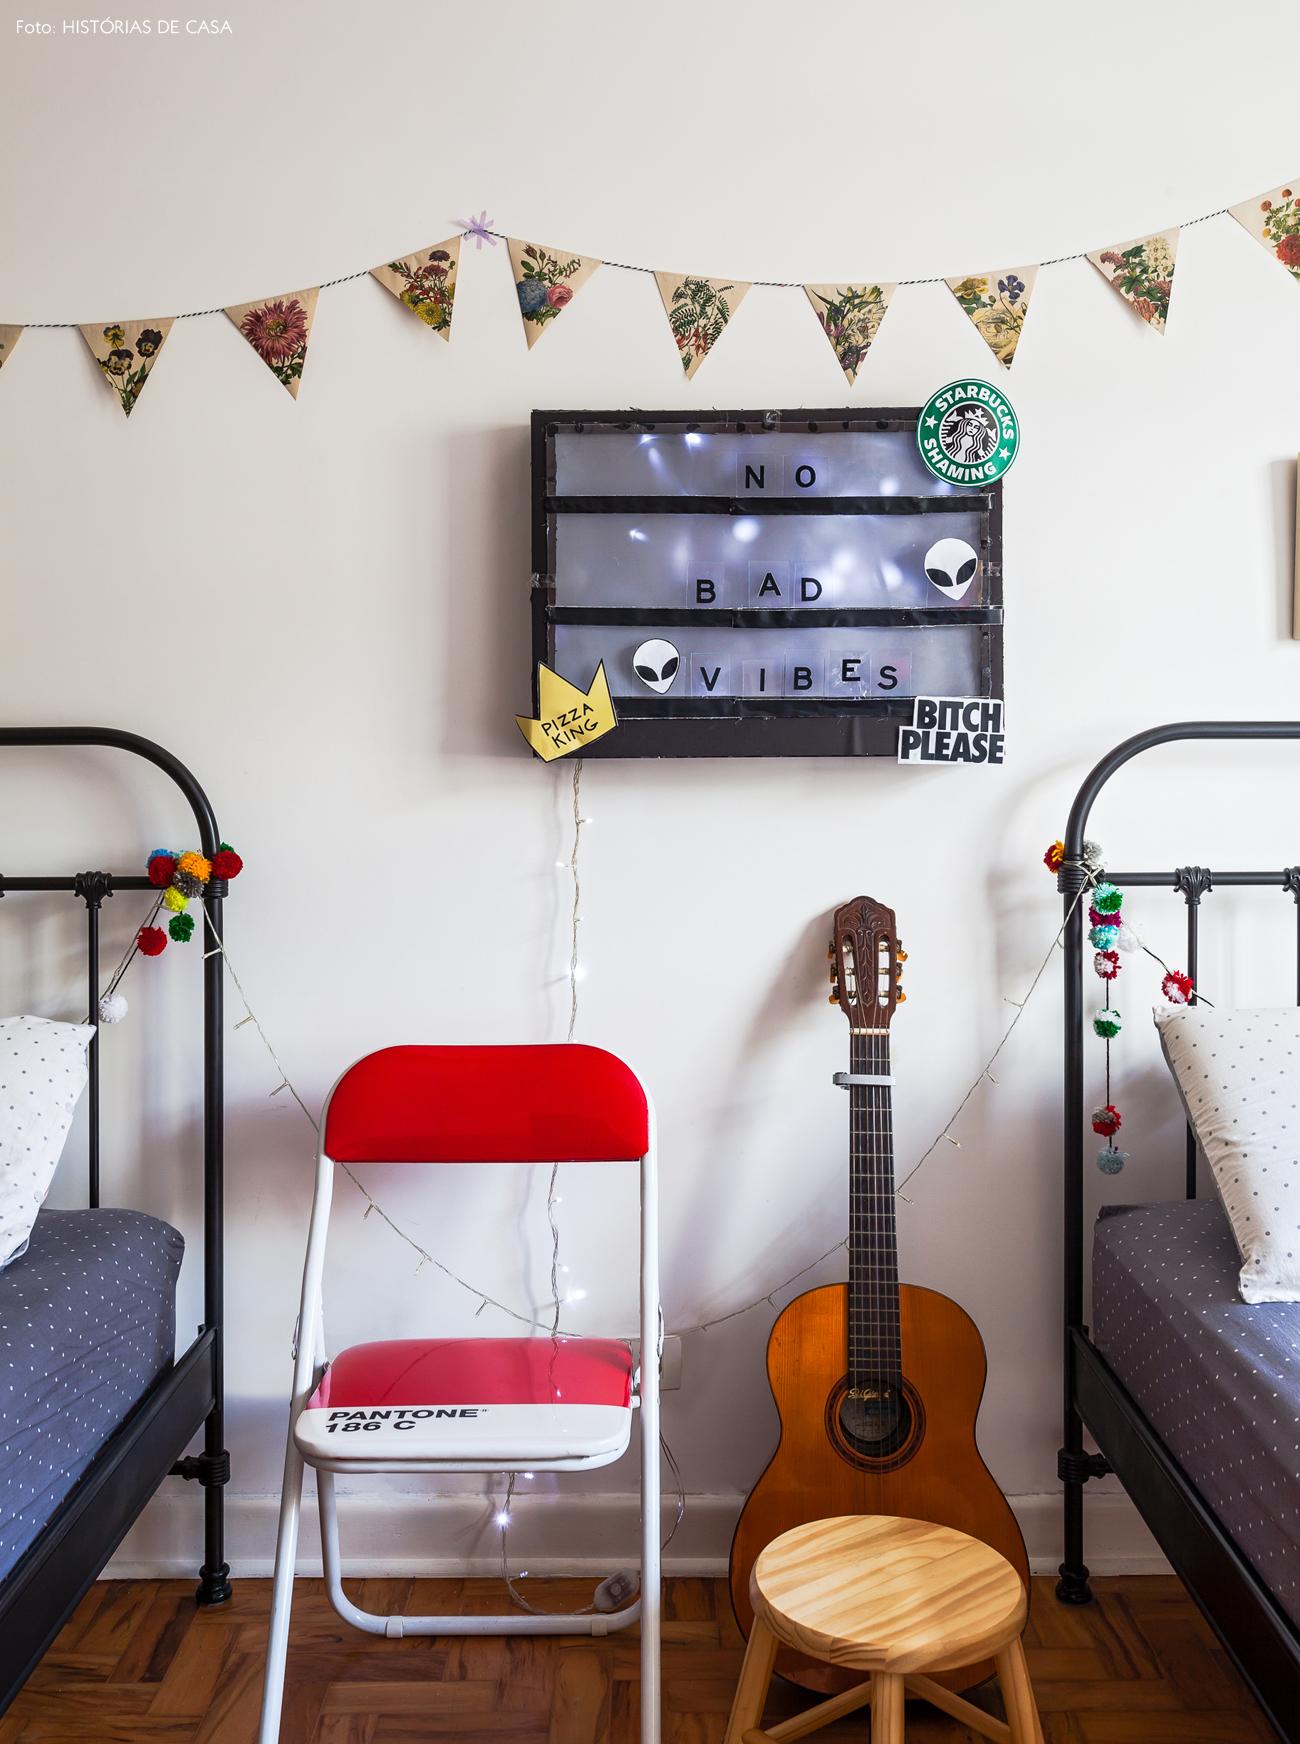 44-decoracao-quarto-crianca-camas-de-ferro-bandeirolas